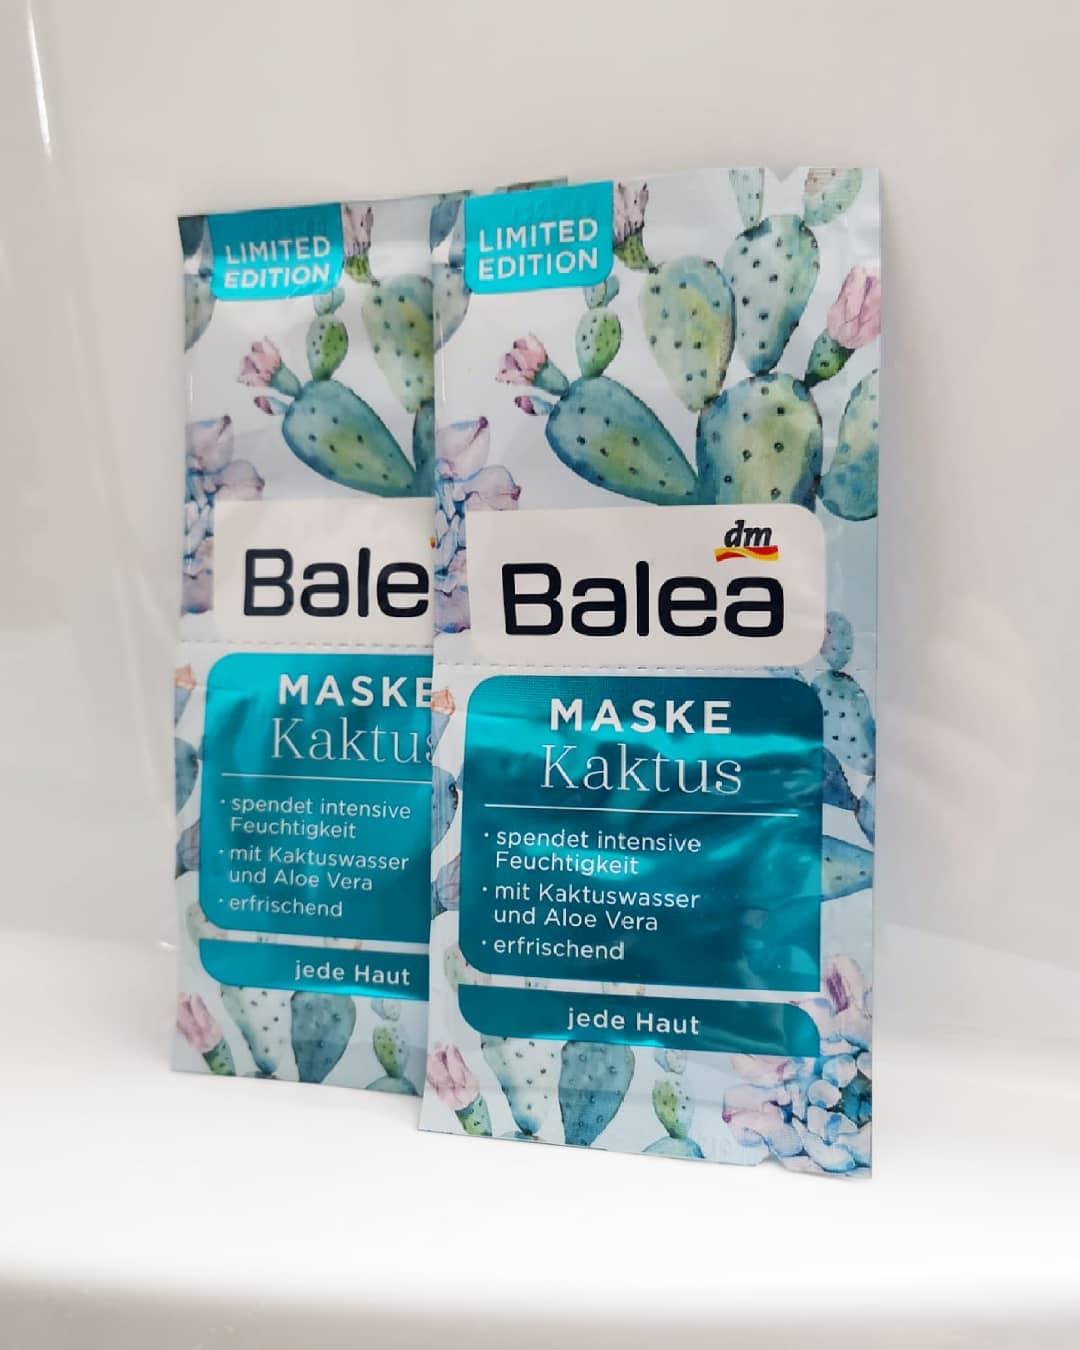 Mặt nạ Balea dưỡng ẩm chiết xuất từ nước cây xương rồng